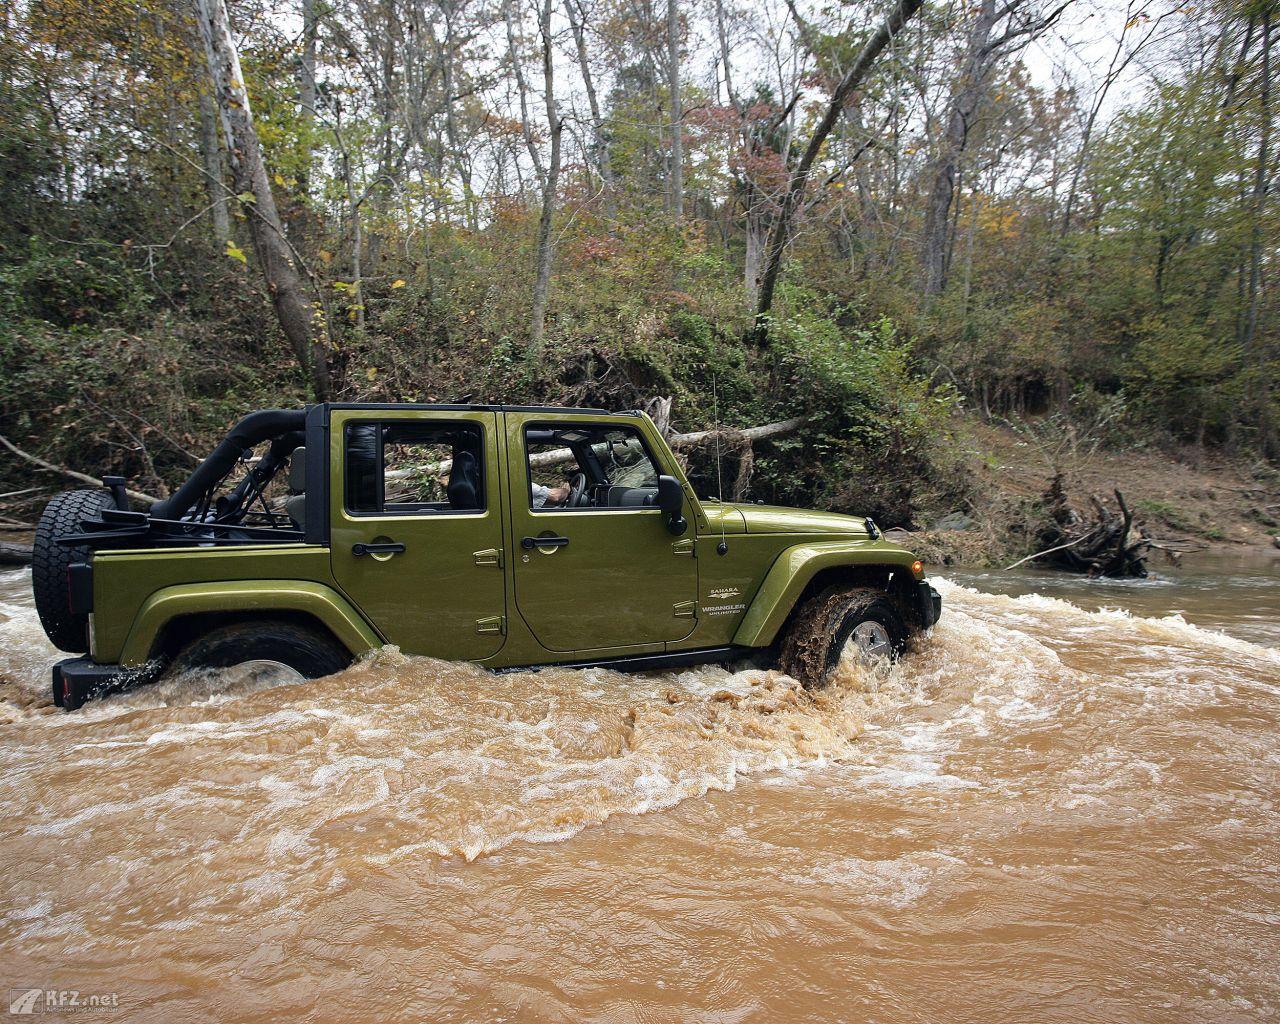 jeep-wrangler-1280x1024-13